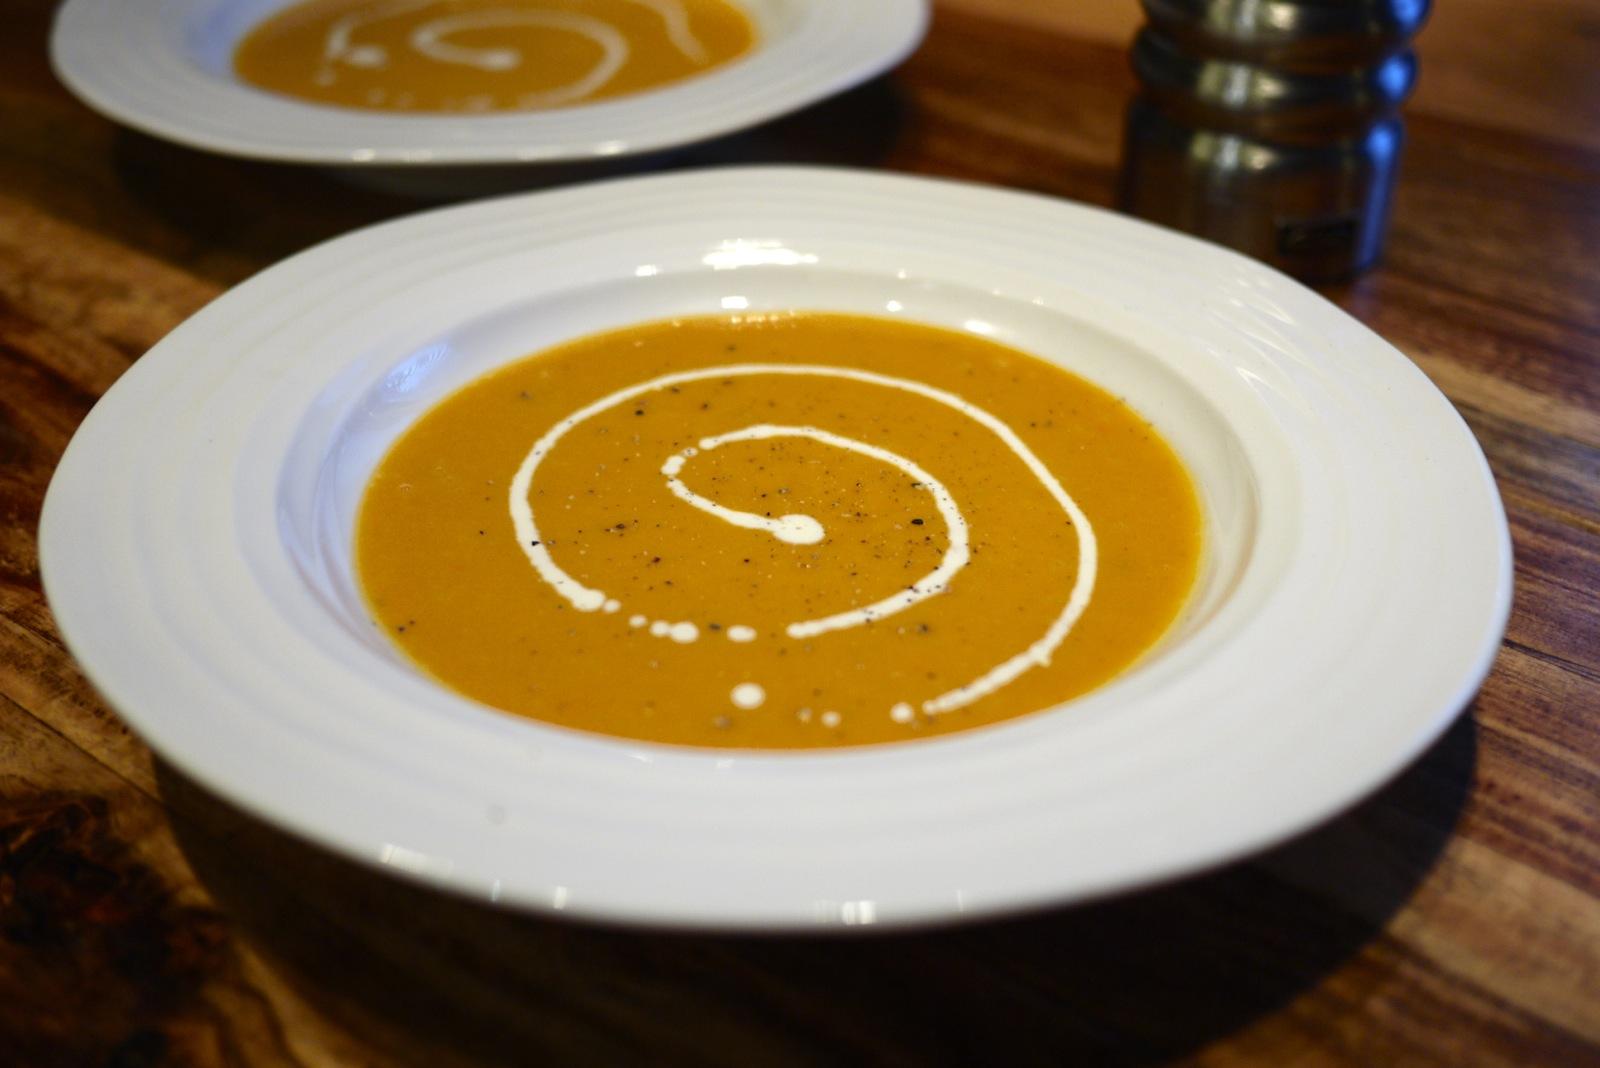 Potage à la patate douce, au poireau et au piment Gorria.